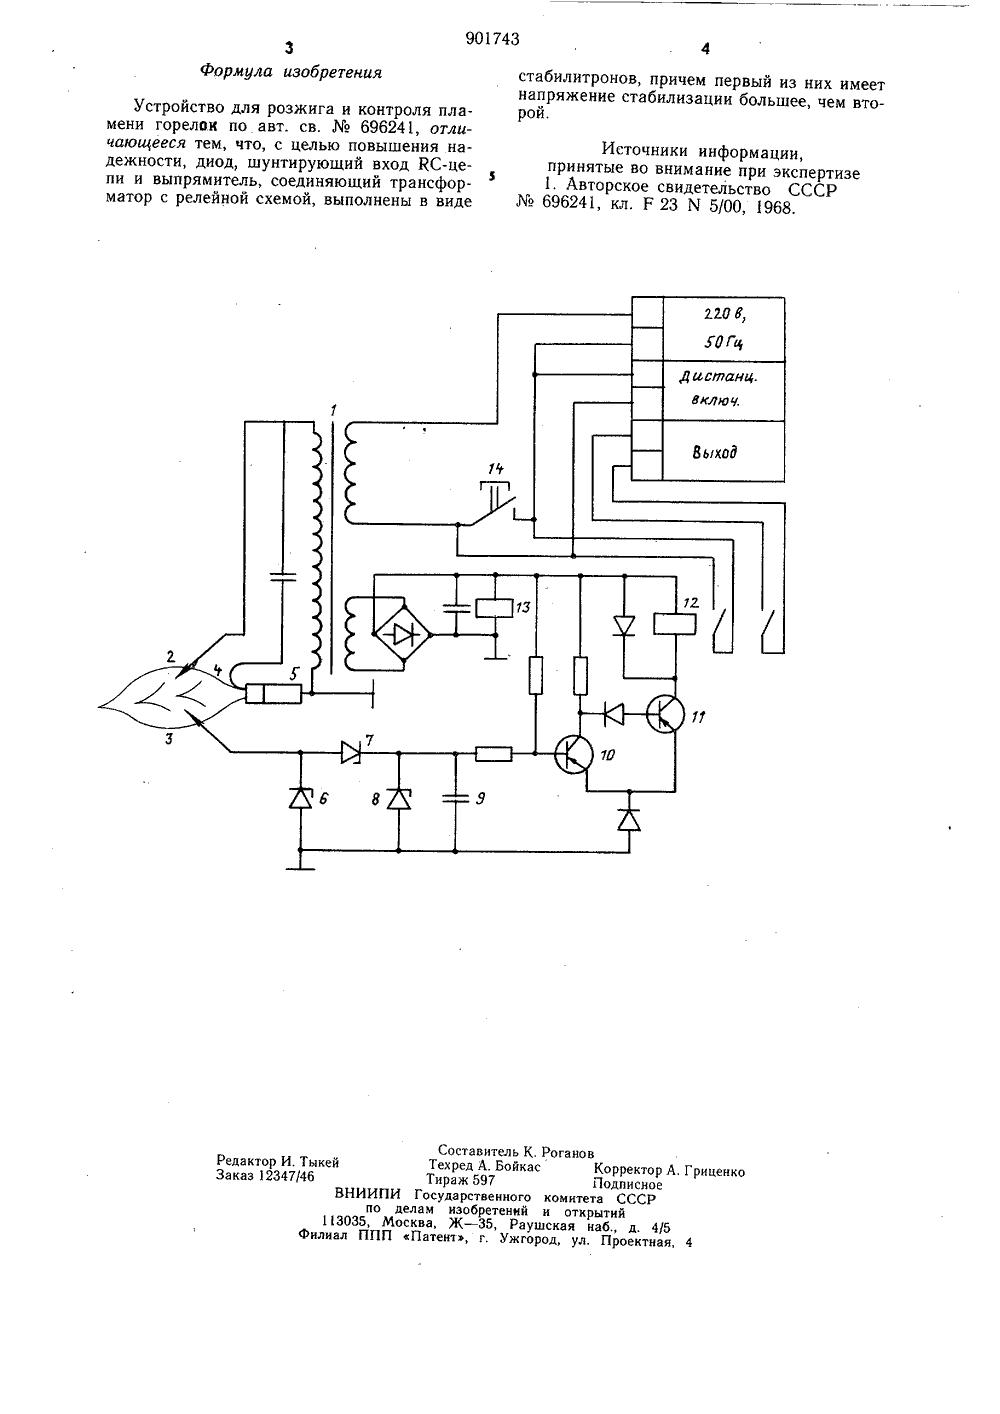 Схема розжига газового котла